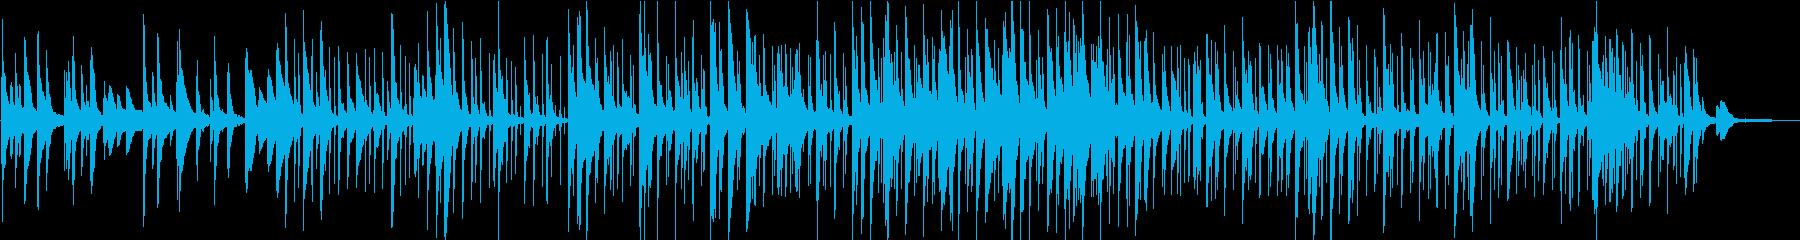 洋楽 美しいピアノのメロディ チルアウトの再生済みの波形